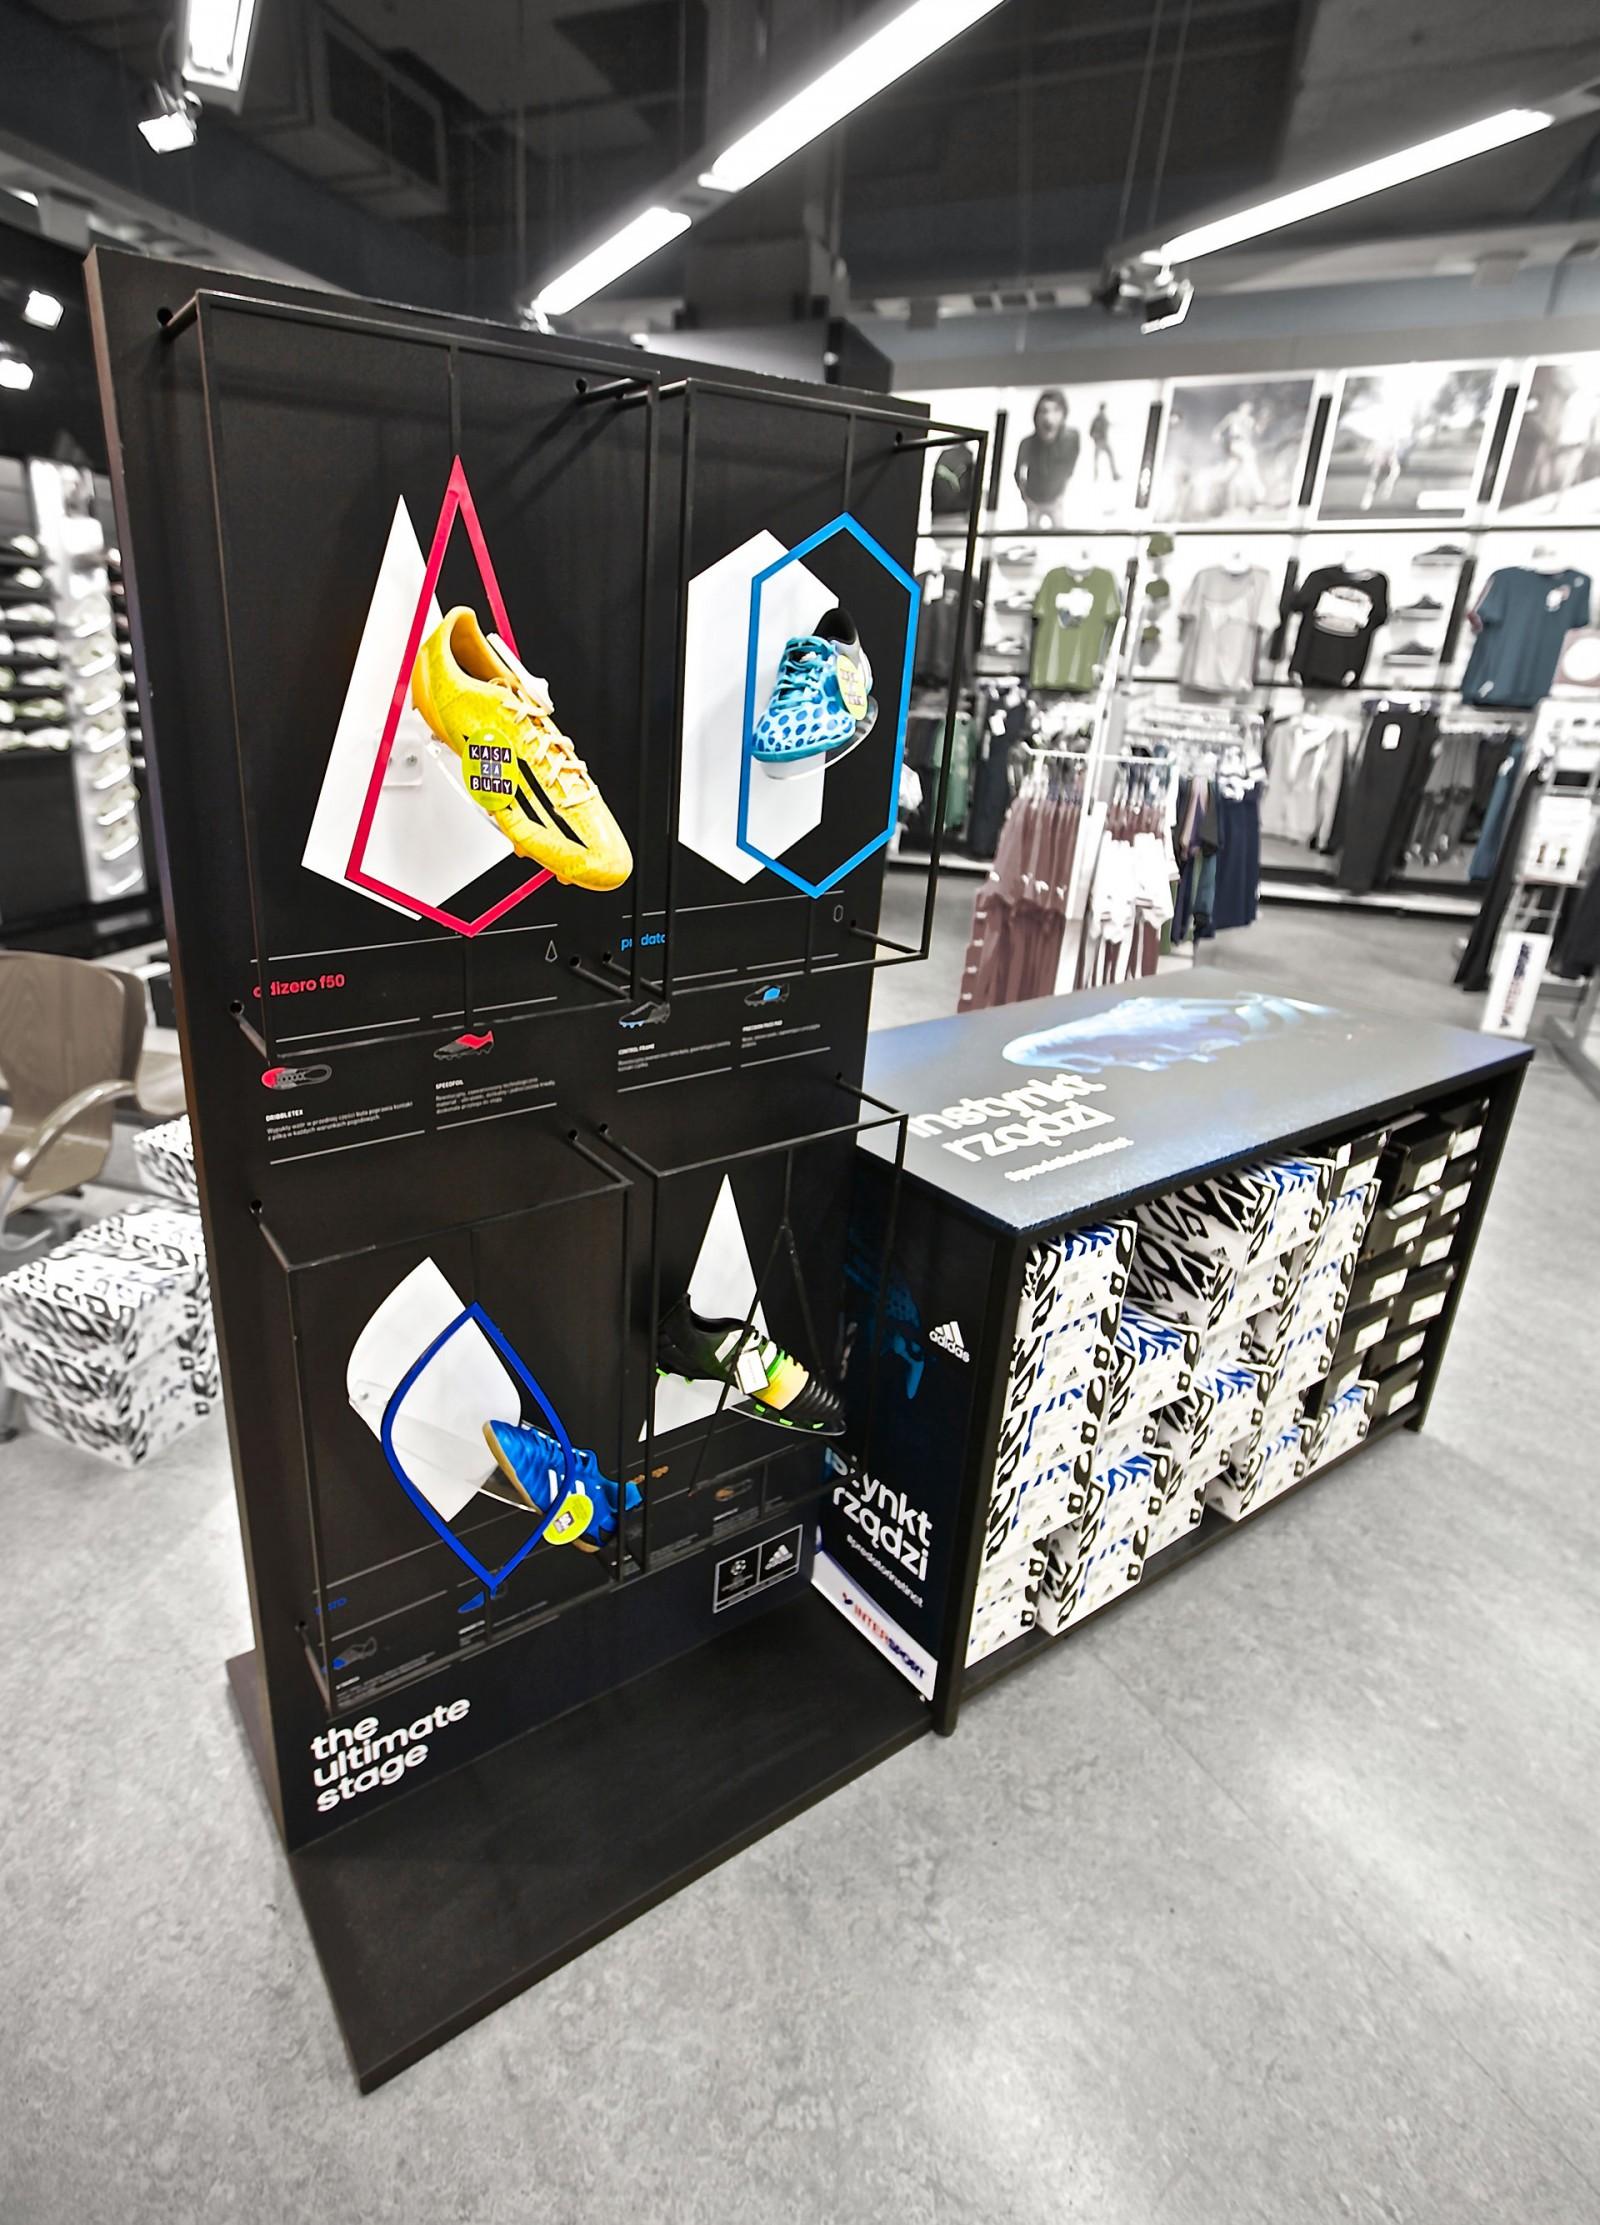 <strong>Adidas<span><b>Zobacz pełny rozmiar</b></span></strong><i>→</i>